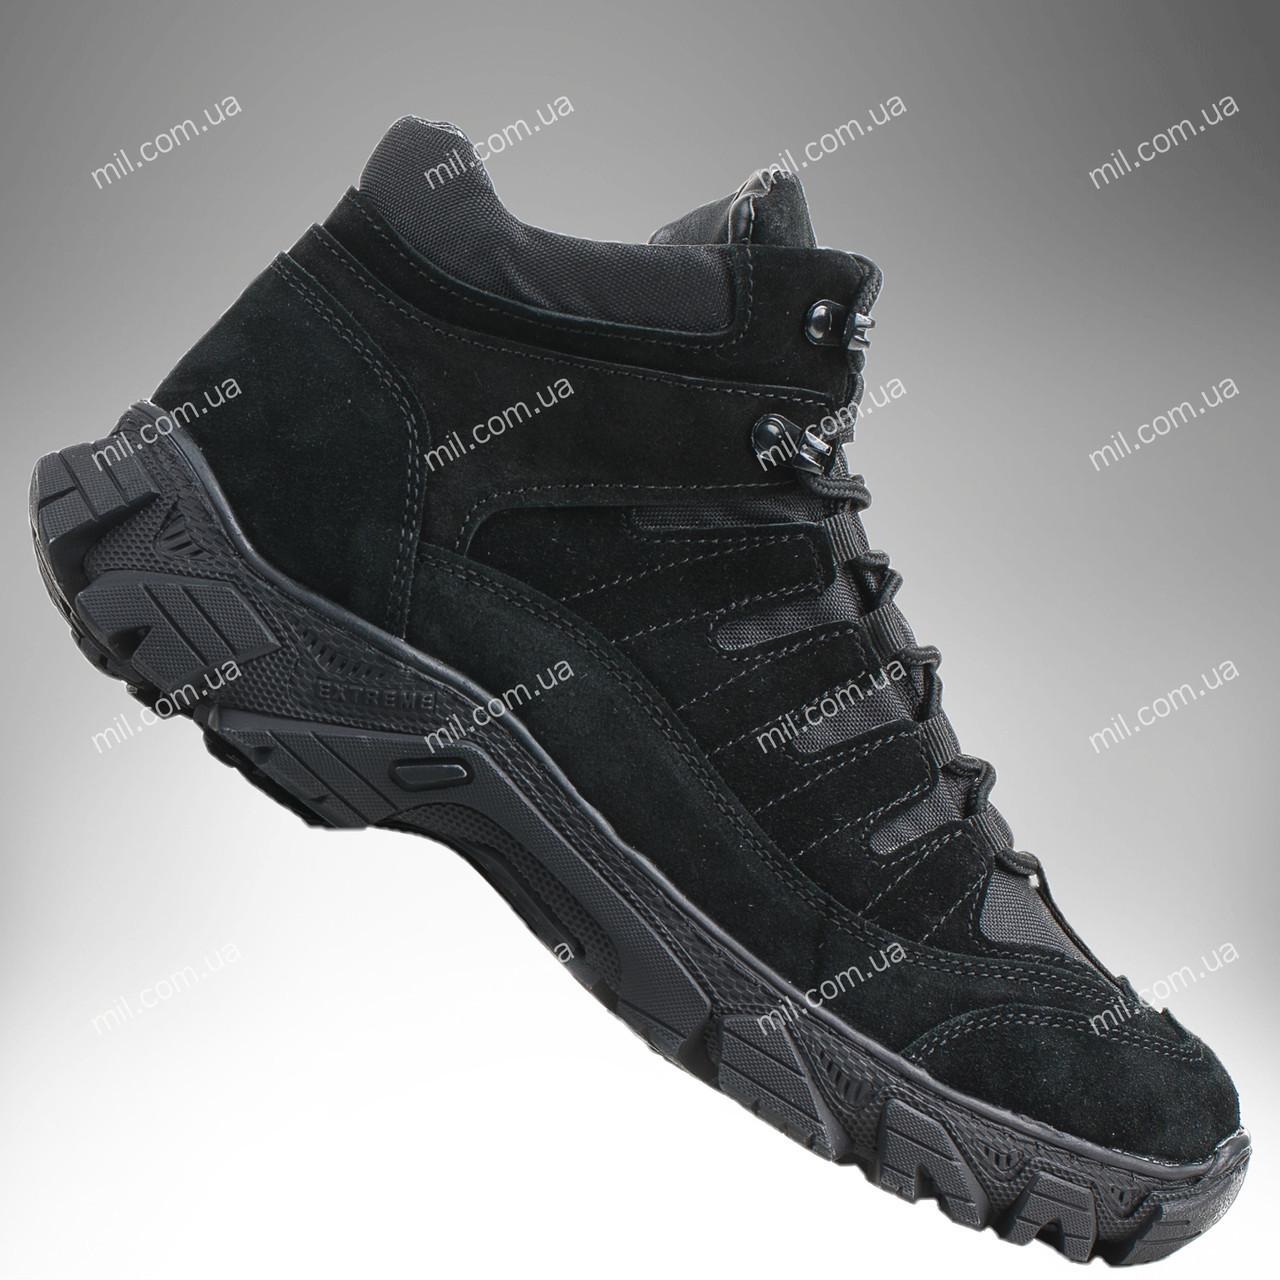 Полуботинки военные зимние / армейская, тактическая обувь VERSUS Pro (черный)